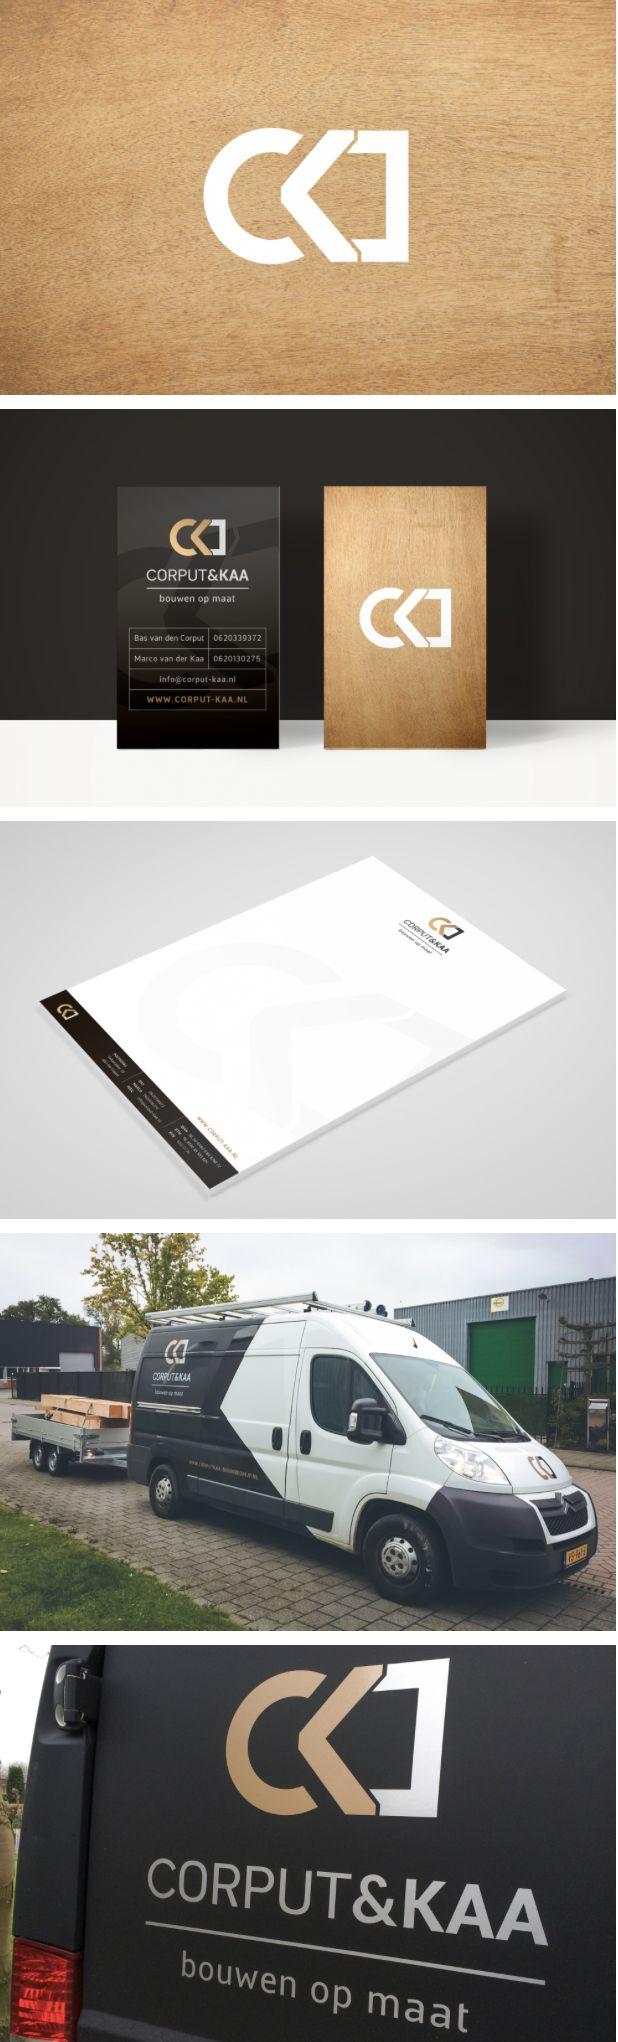 Ontwerp logo en huisstijl voor Corput&Kaa, dynamisch duo in de bouw #busbelettering - door Juli Ontwerpburo